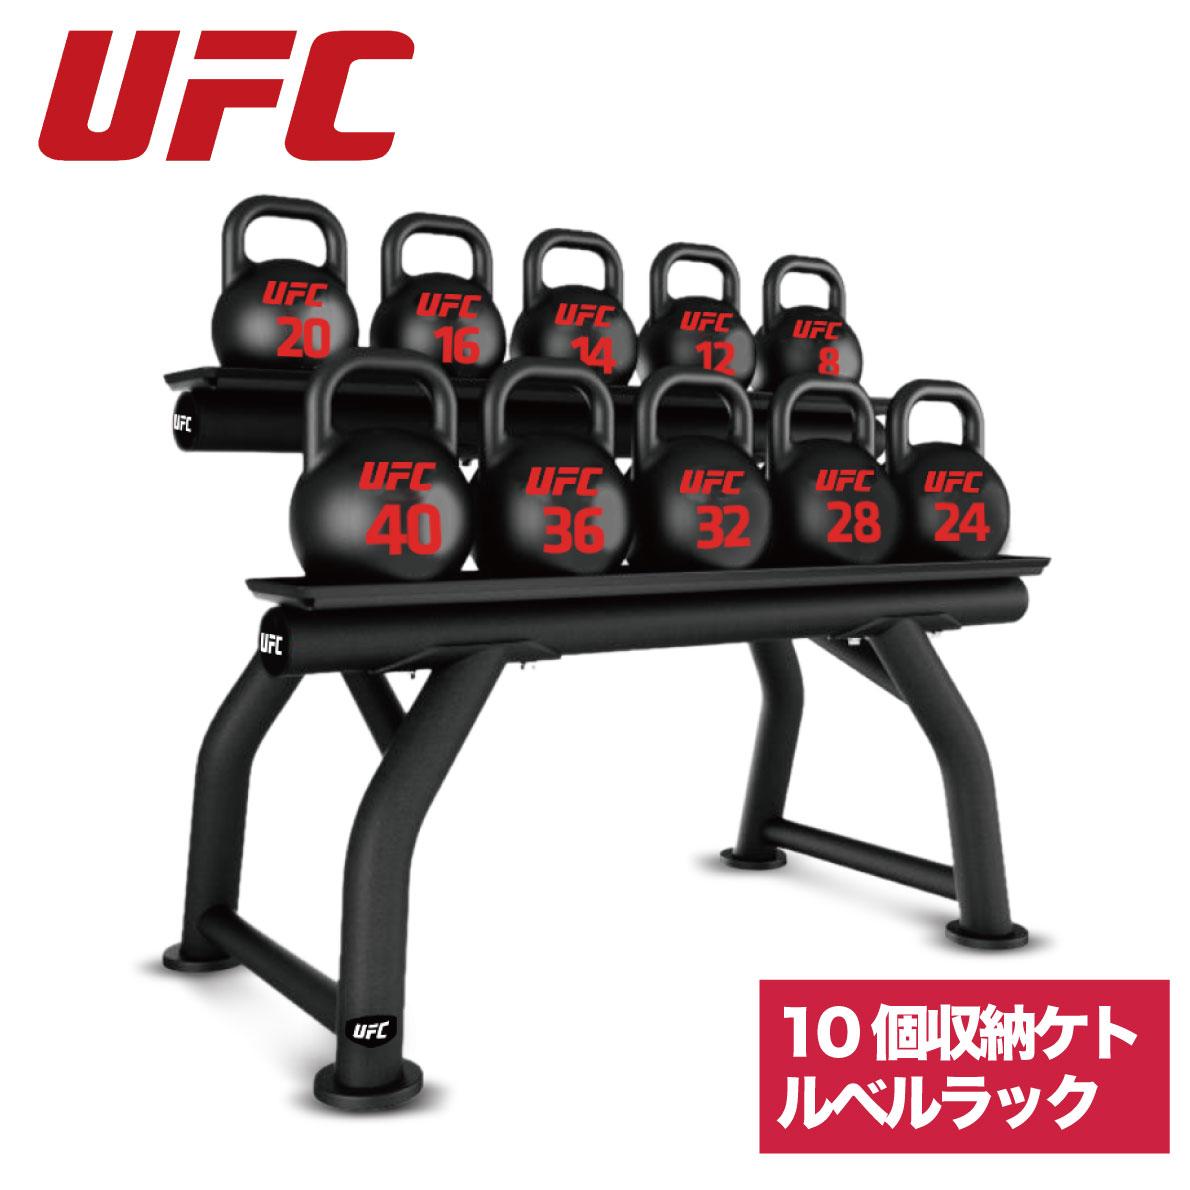 ケトルベルを10個収納できるケトルベルラック UFC-KBRK-6003 卸直営 新作続 《総合格闘技UFCオフィシャル》 ケトルベルラック ダンベルラック ケトルベル UFC ケトルベルホルダー トレーニング器具 筋トレ器具 トレーニング 総合格闘技 フリーウエイト